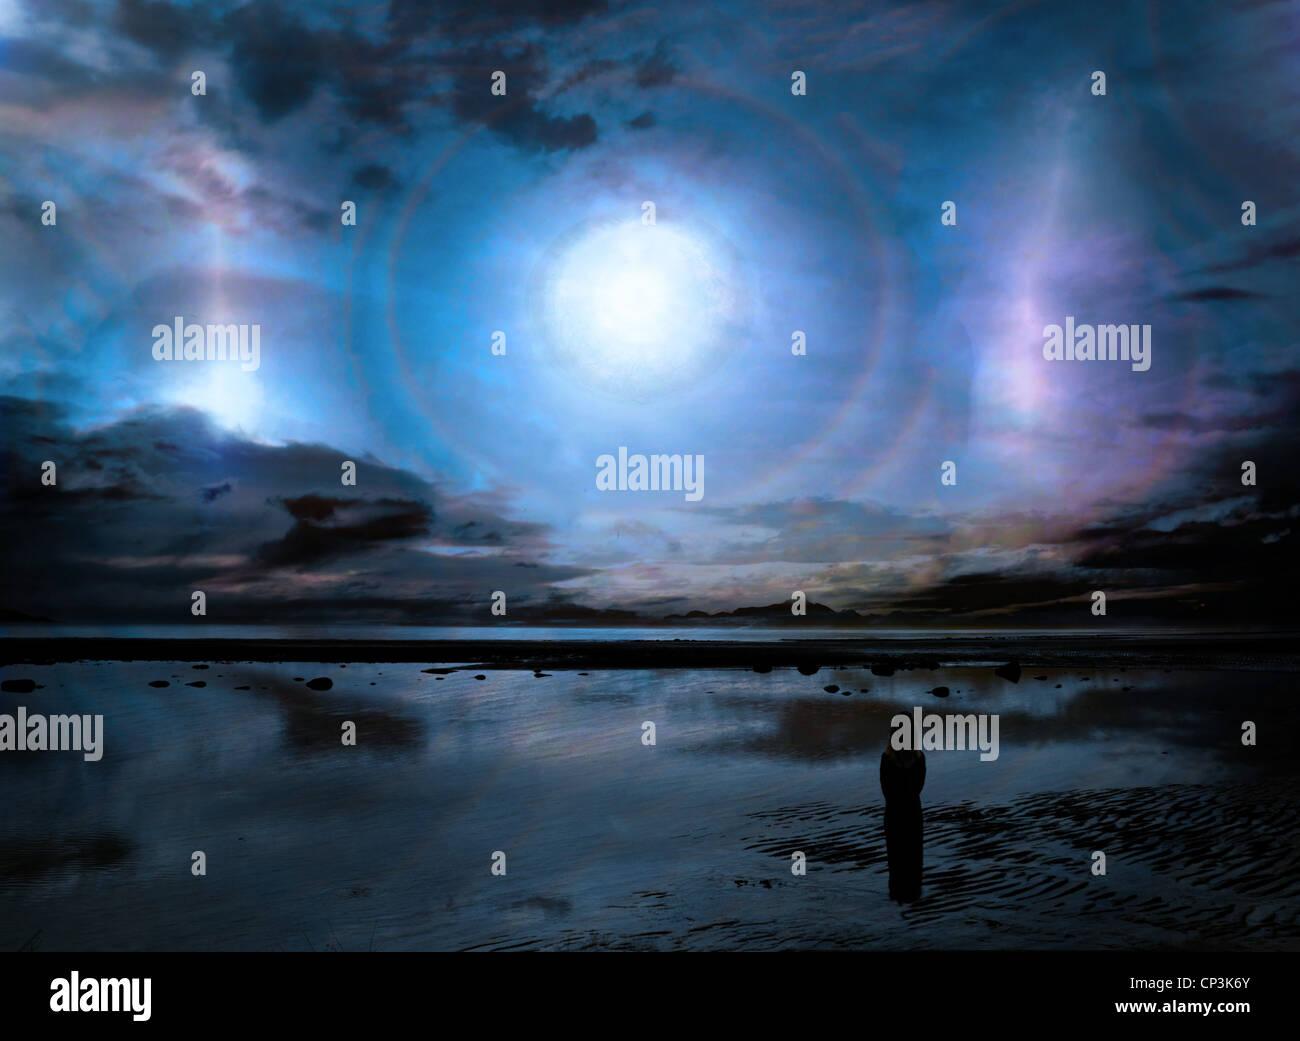 Fantasy Science-Fiction-Szene mit einer erstaunlichen Himmel und eine Silhouette Frau beobachten. Stockbild